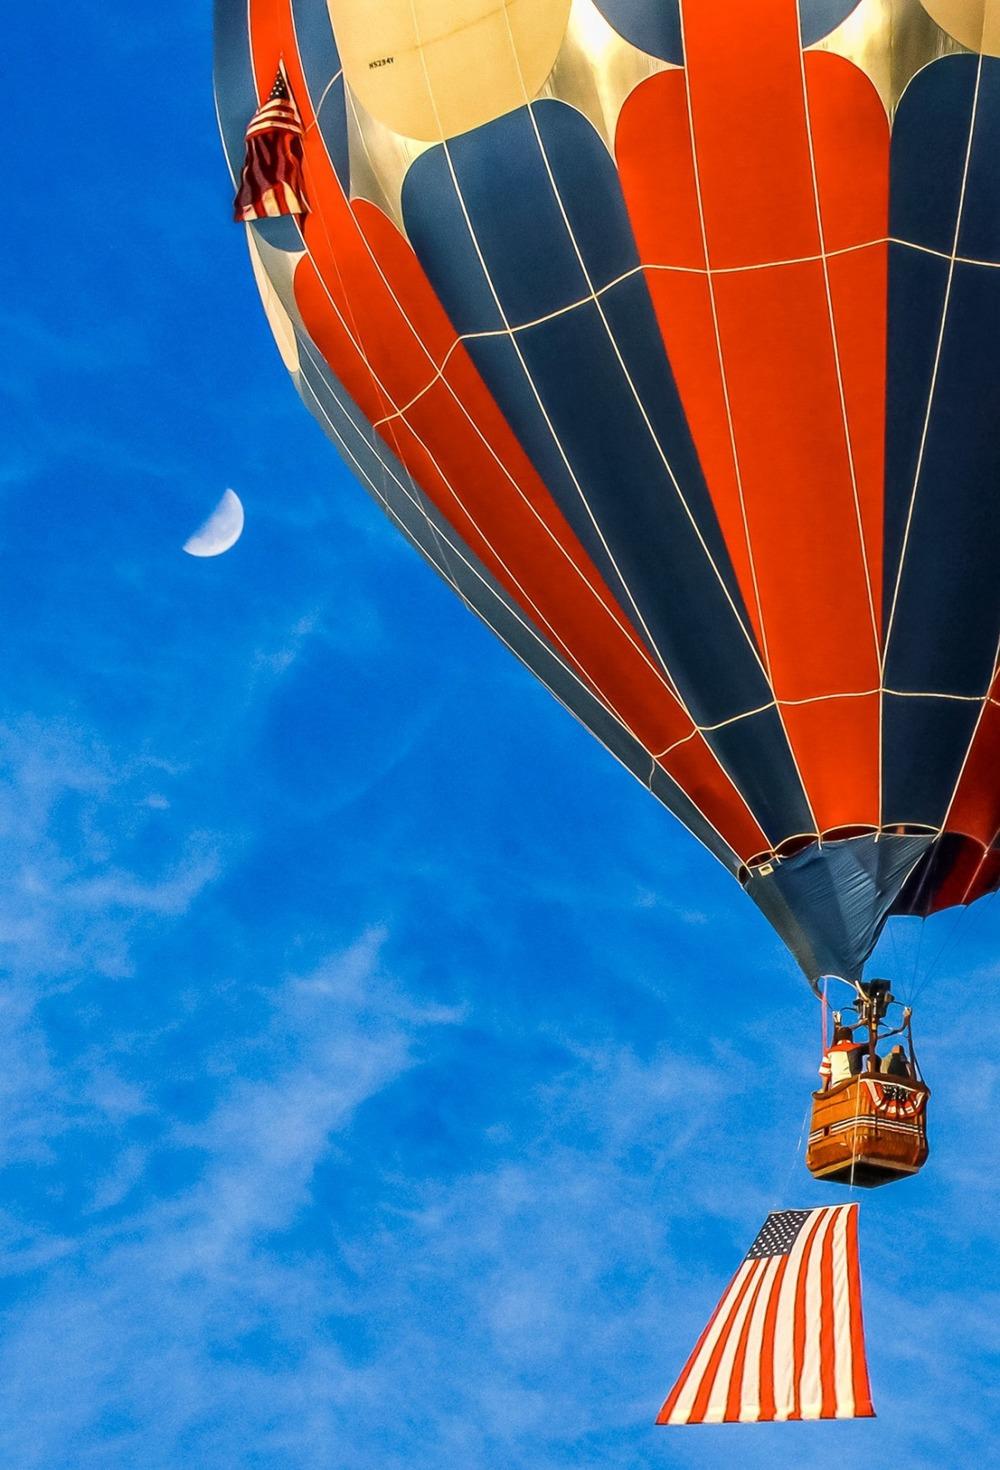 flags+on+a+hot+air+balloon+-+James+Cochrane.jpg